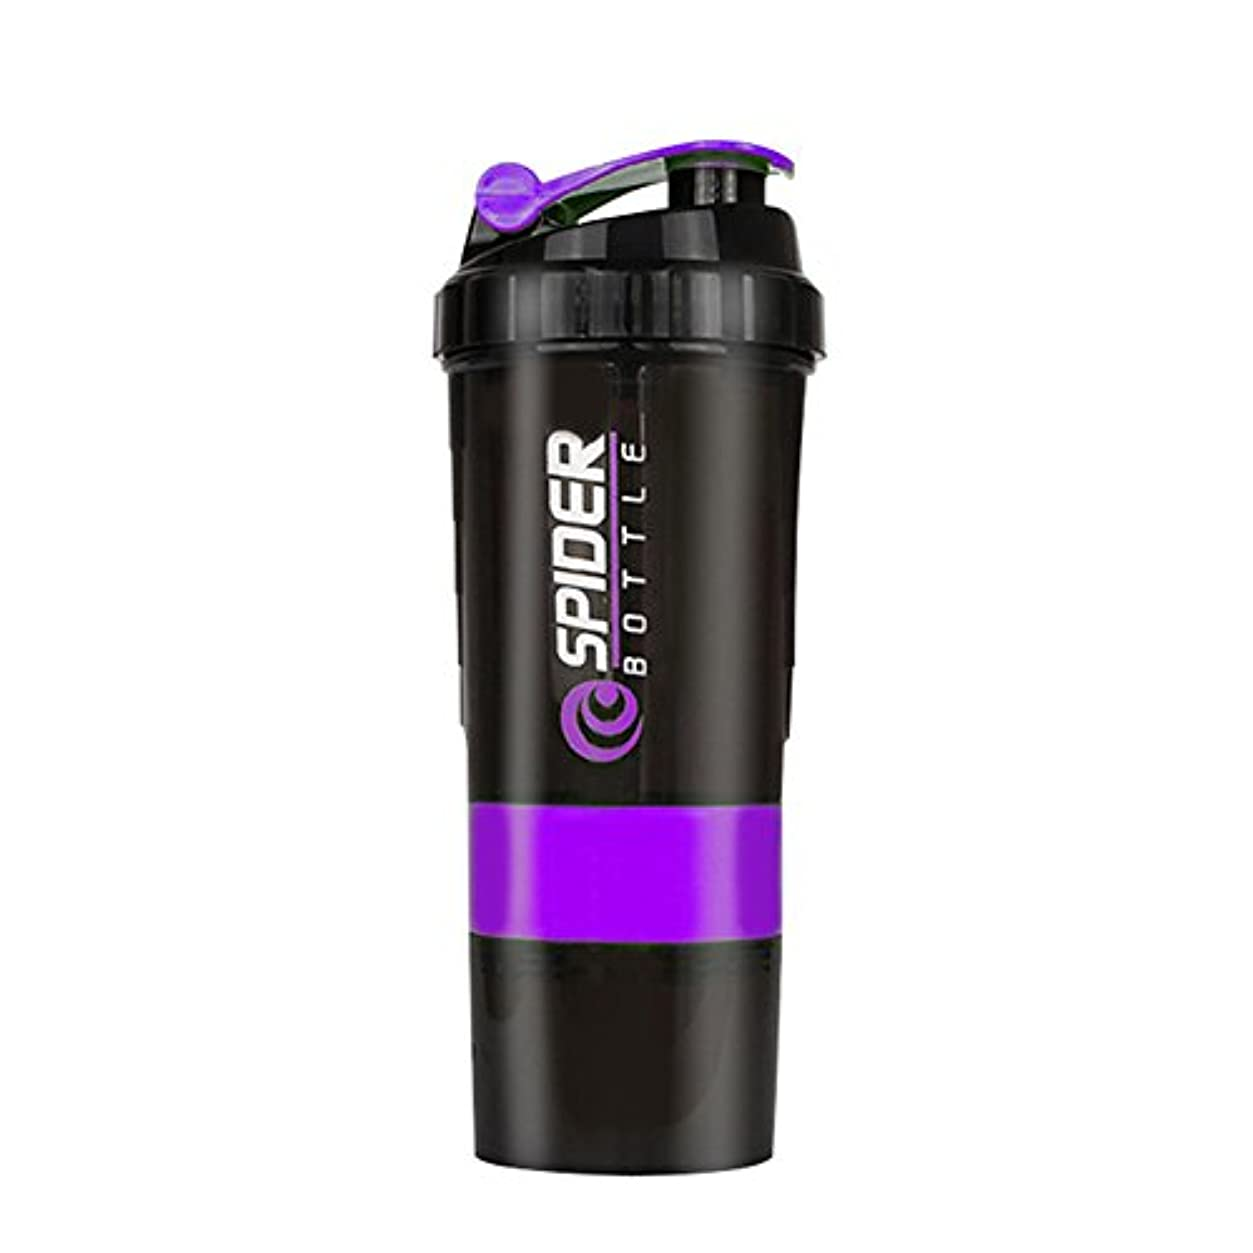 論争動かない有料プロテインシェイカー プラスチックボトル シェーカーボトル フィットネス用 プラスチック 目盛り ジム スポーツ 600ml 3層プロテインボックス 大容量 (Purple)